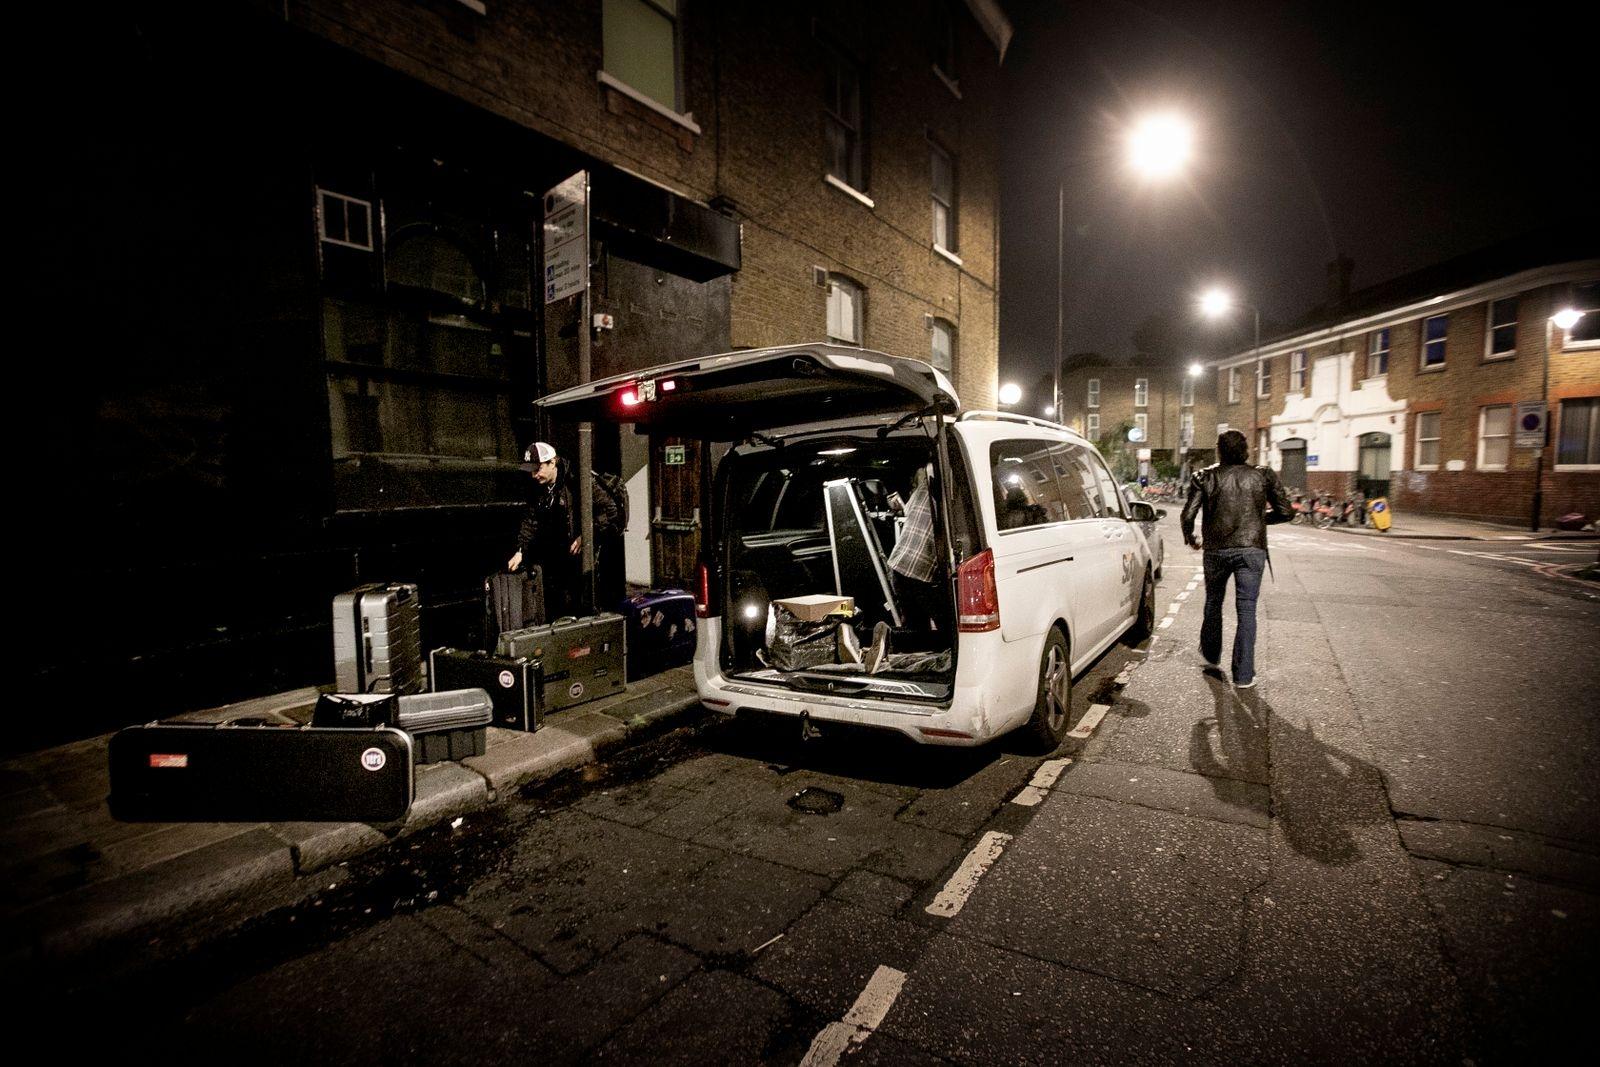 """Medan minibussen stuvas med millimeterprecision säger trummisen Jolle Atlagic: """"Det här, att spela musik, är skitviktigt för mig, det är en del av mitt liv. Det finns liksom inga alternativ. Jag vill aldrig sluta. Om tio år kommer ni vara här i London och följa oss igen. Fast på ett lite större ställe. jag lovar."""""""